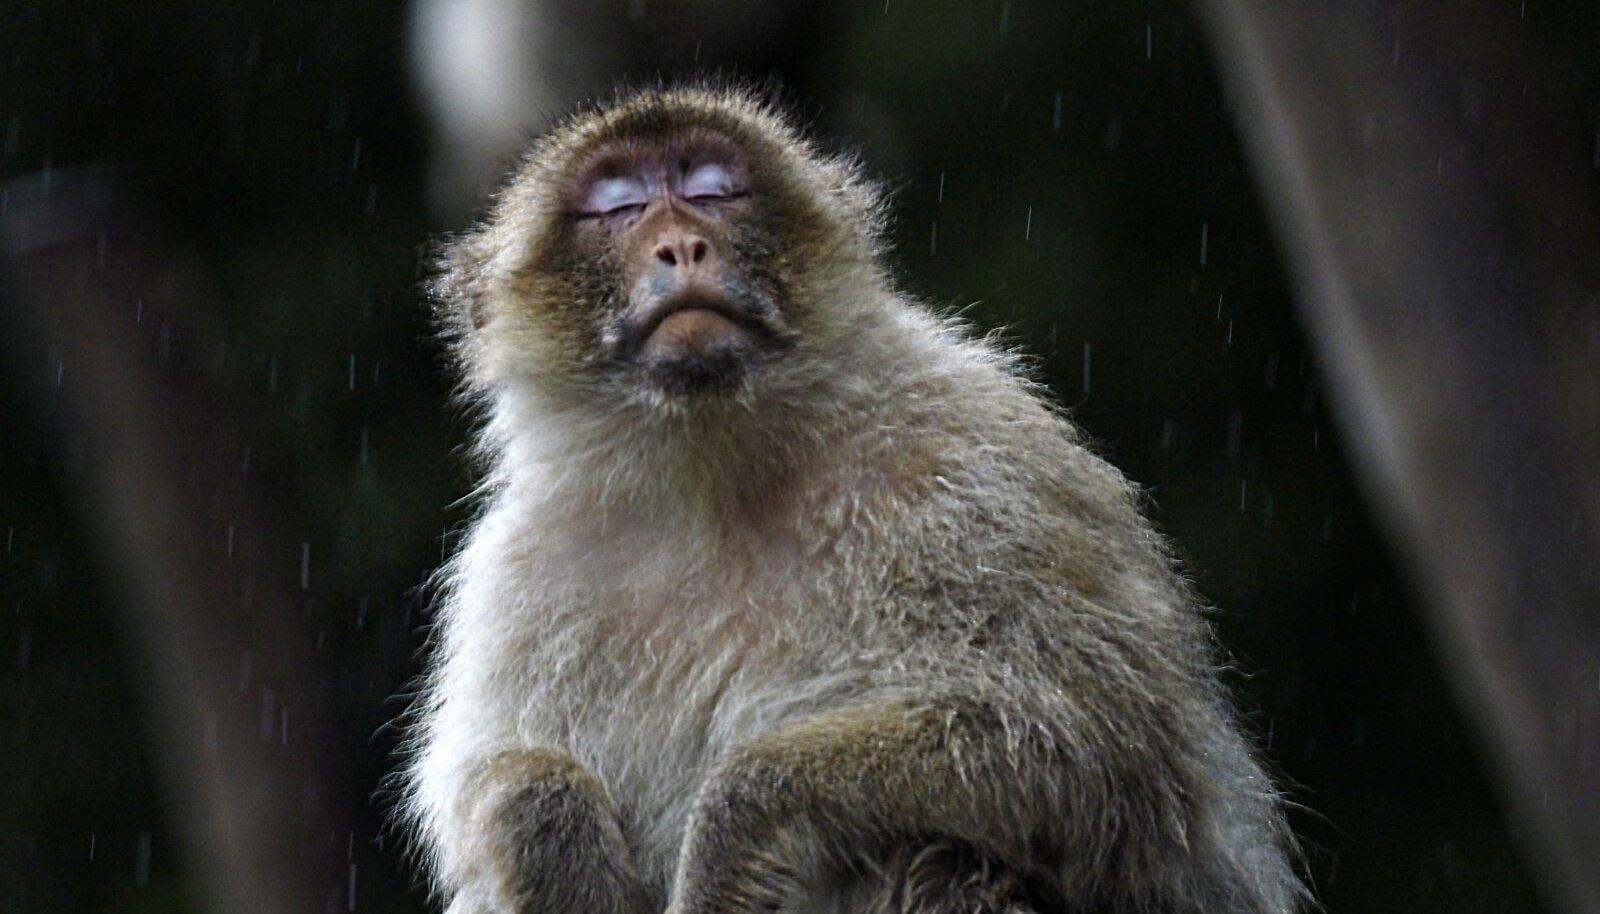 Makaakide perekonda kuuluv ahv